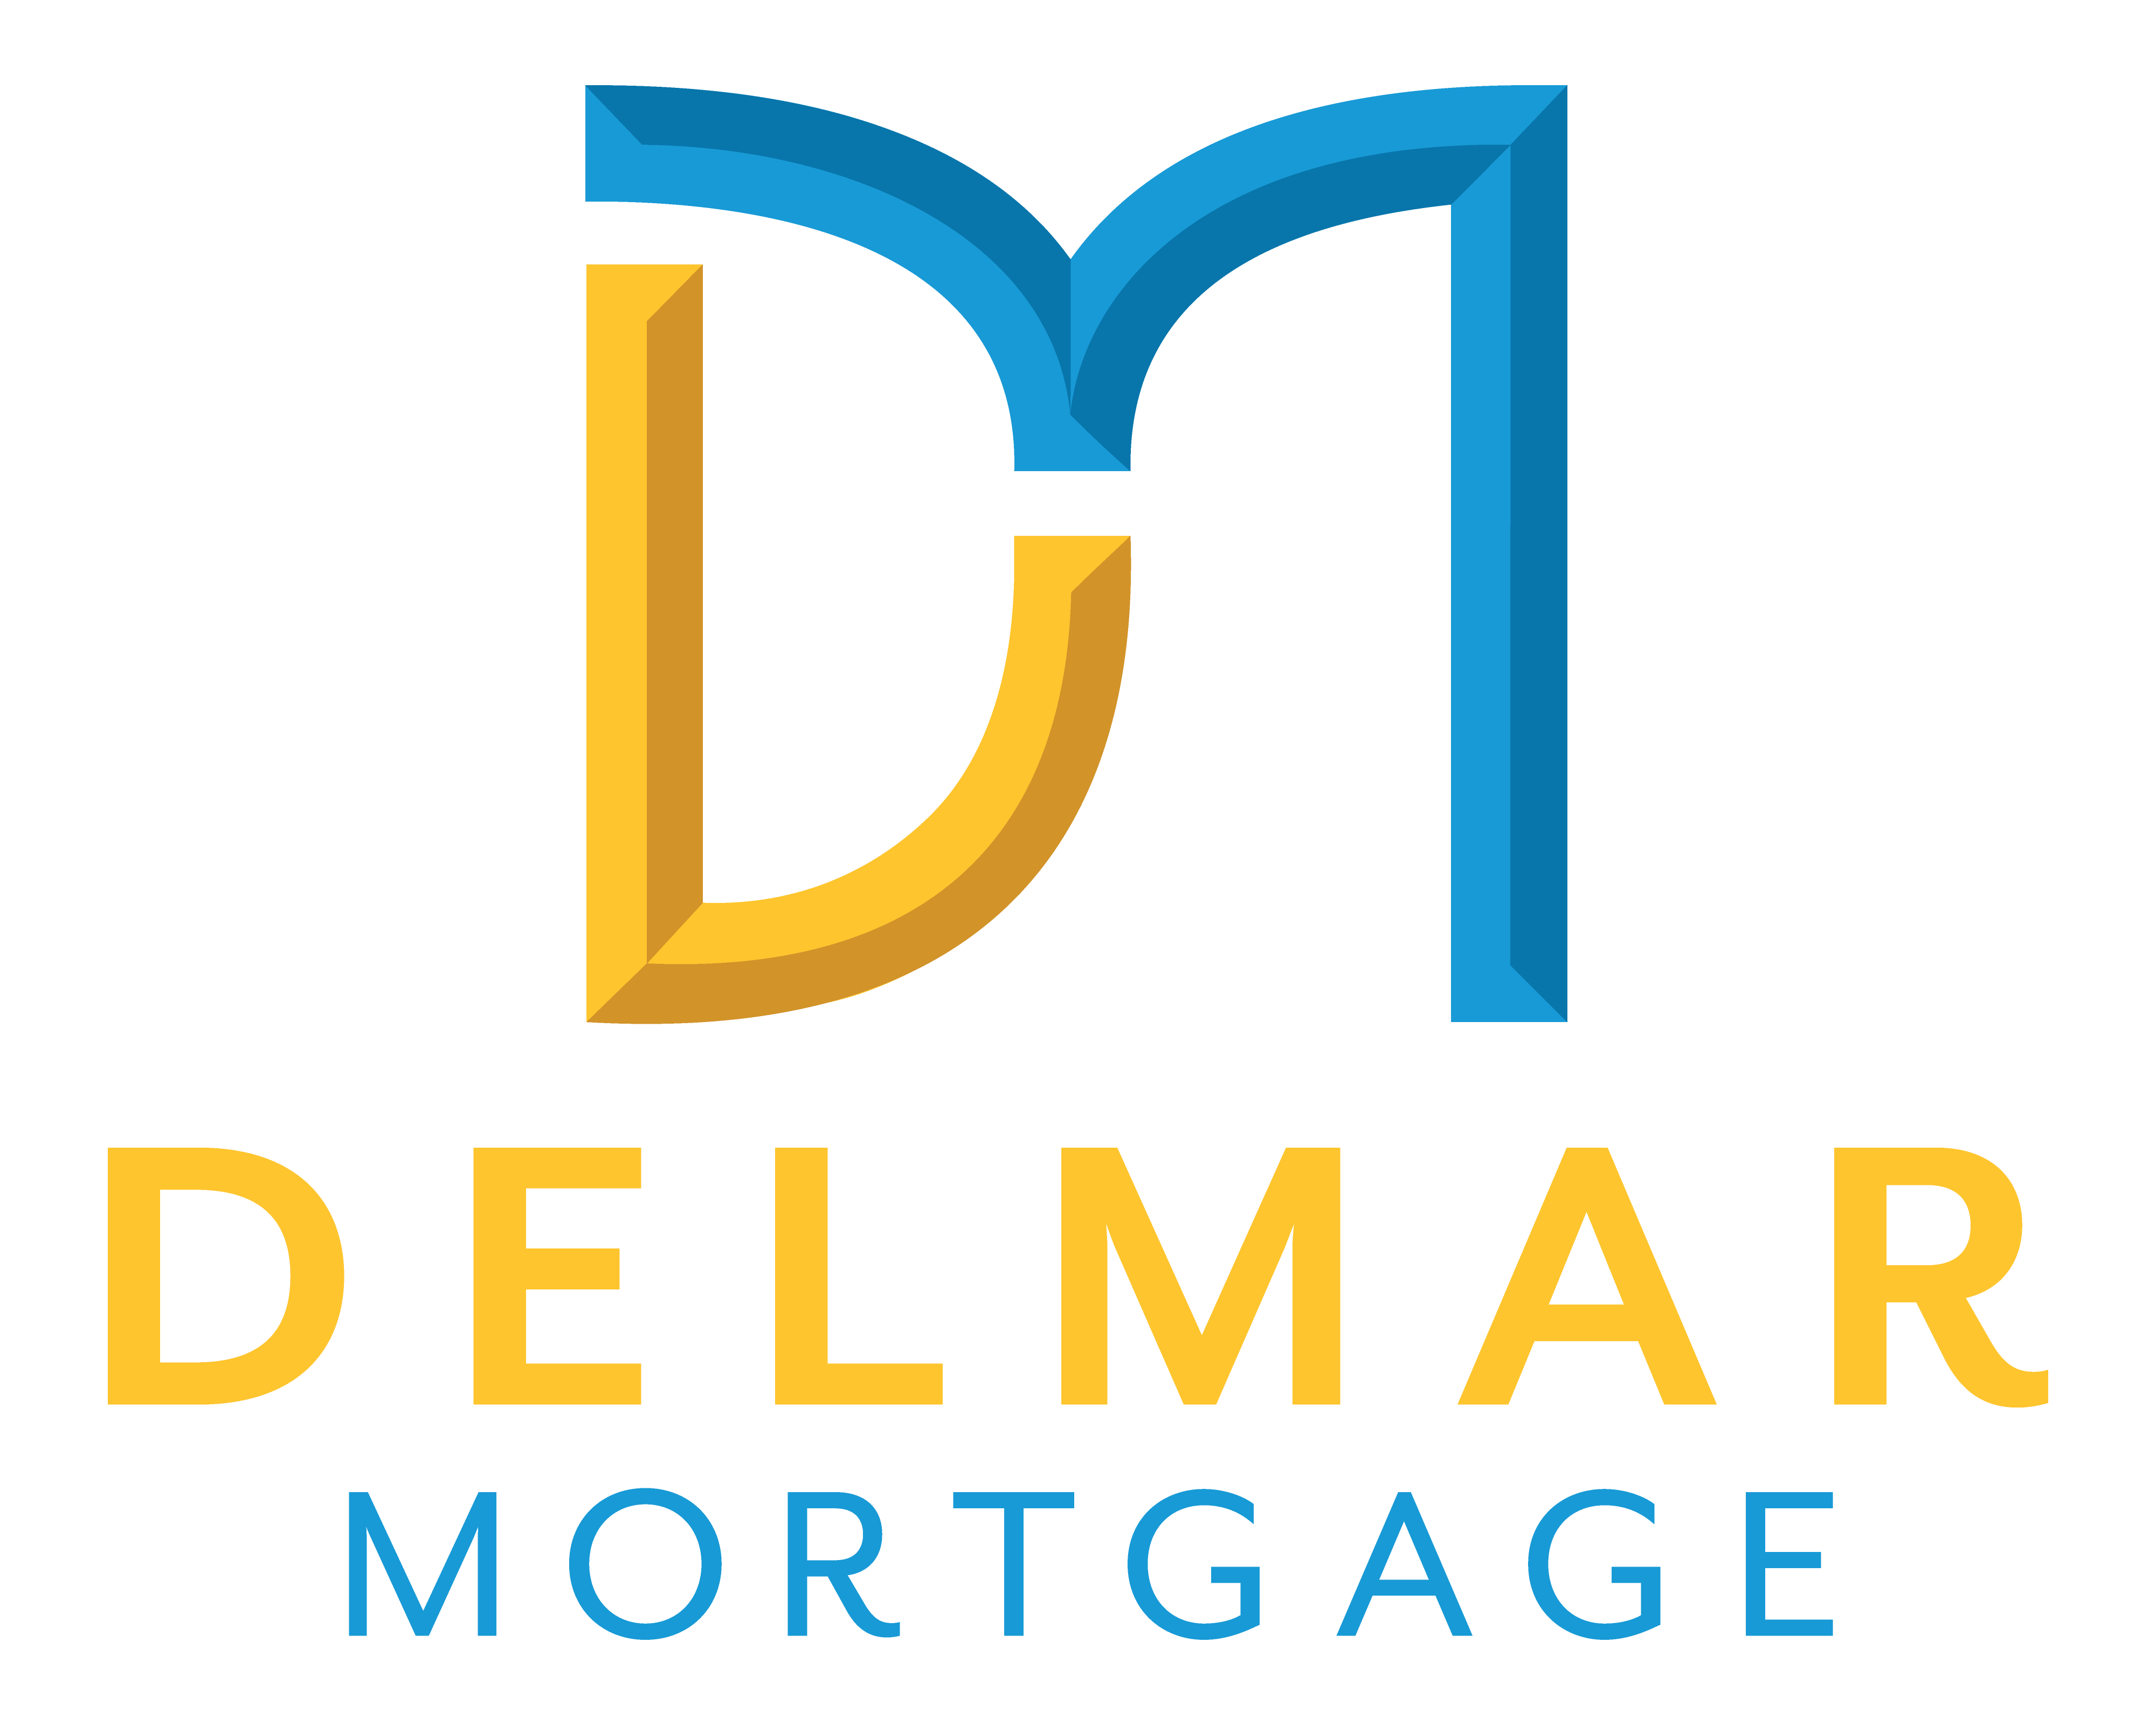 Delmar Mortgage logo